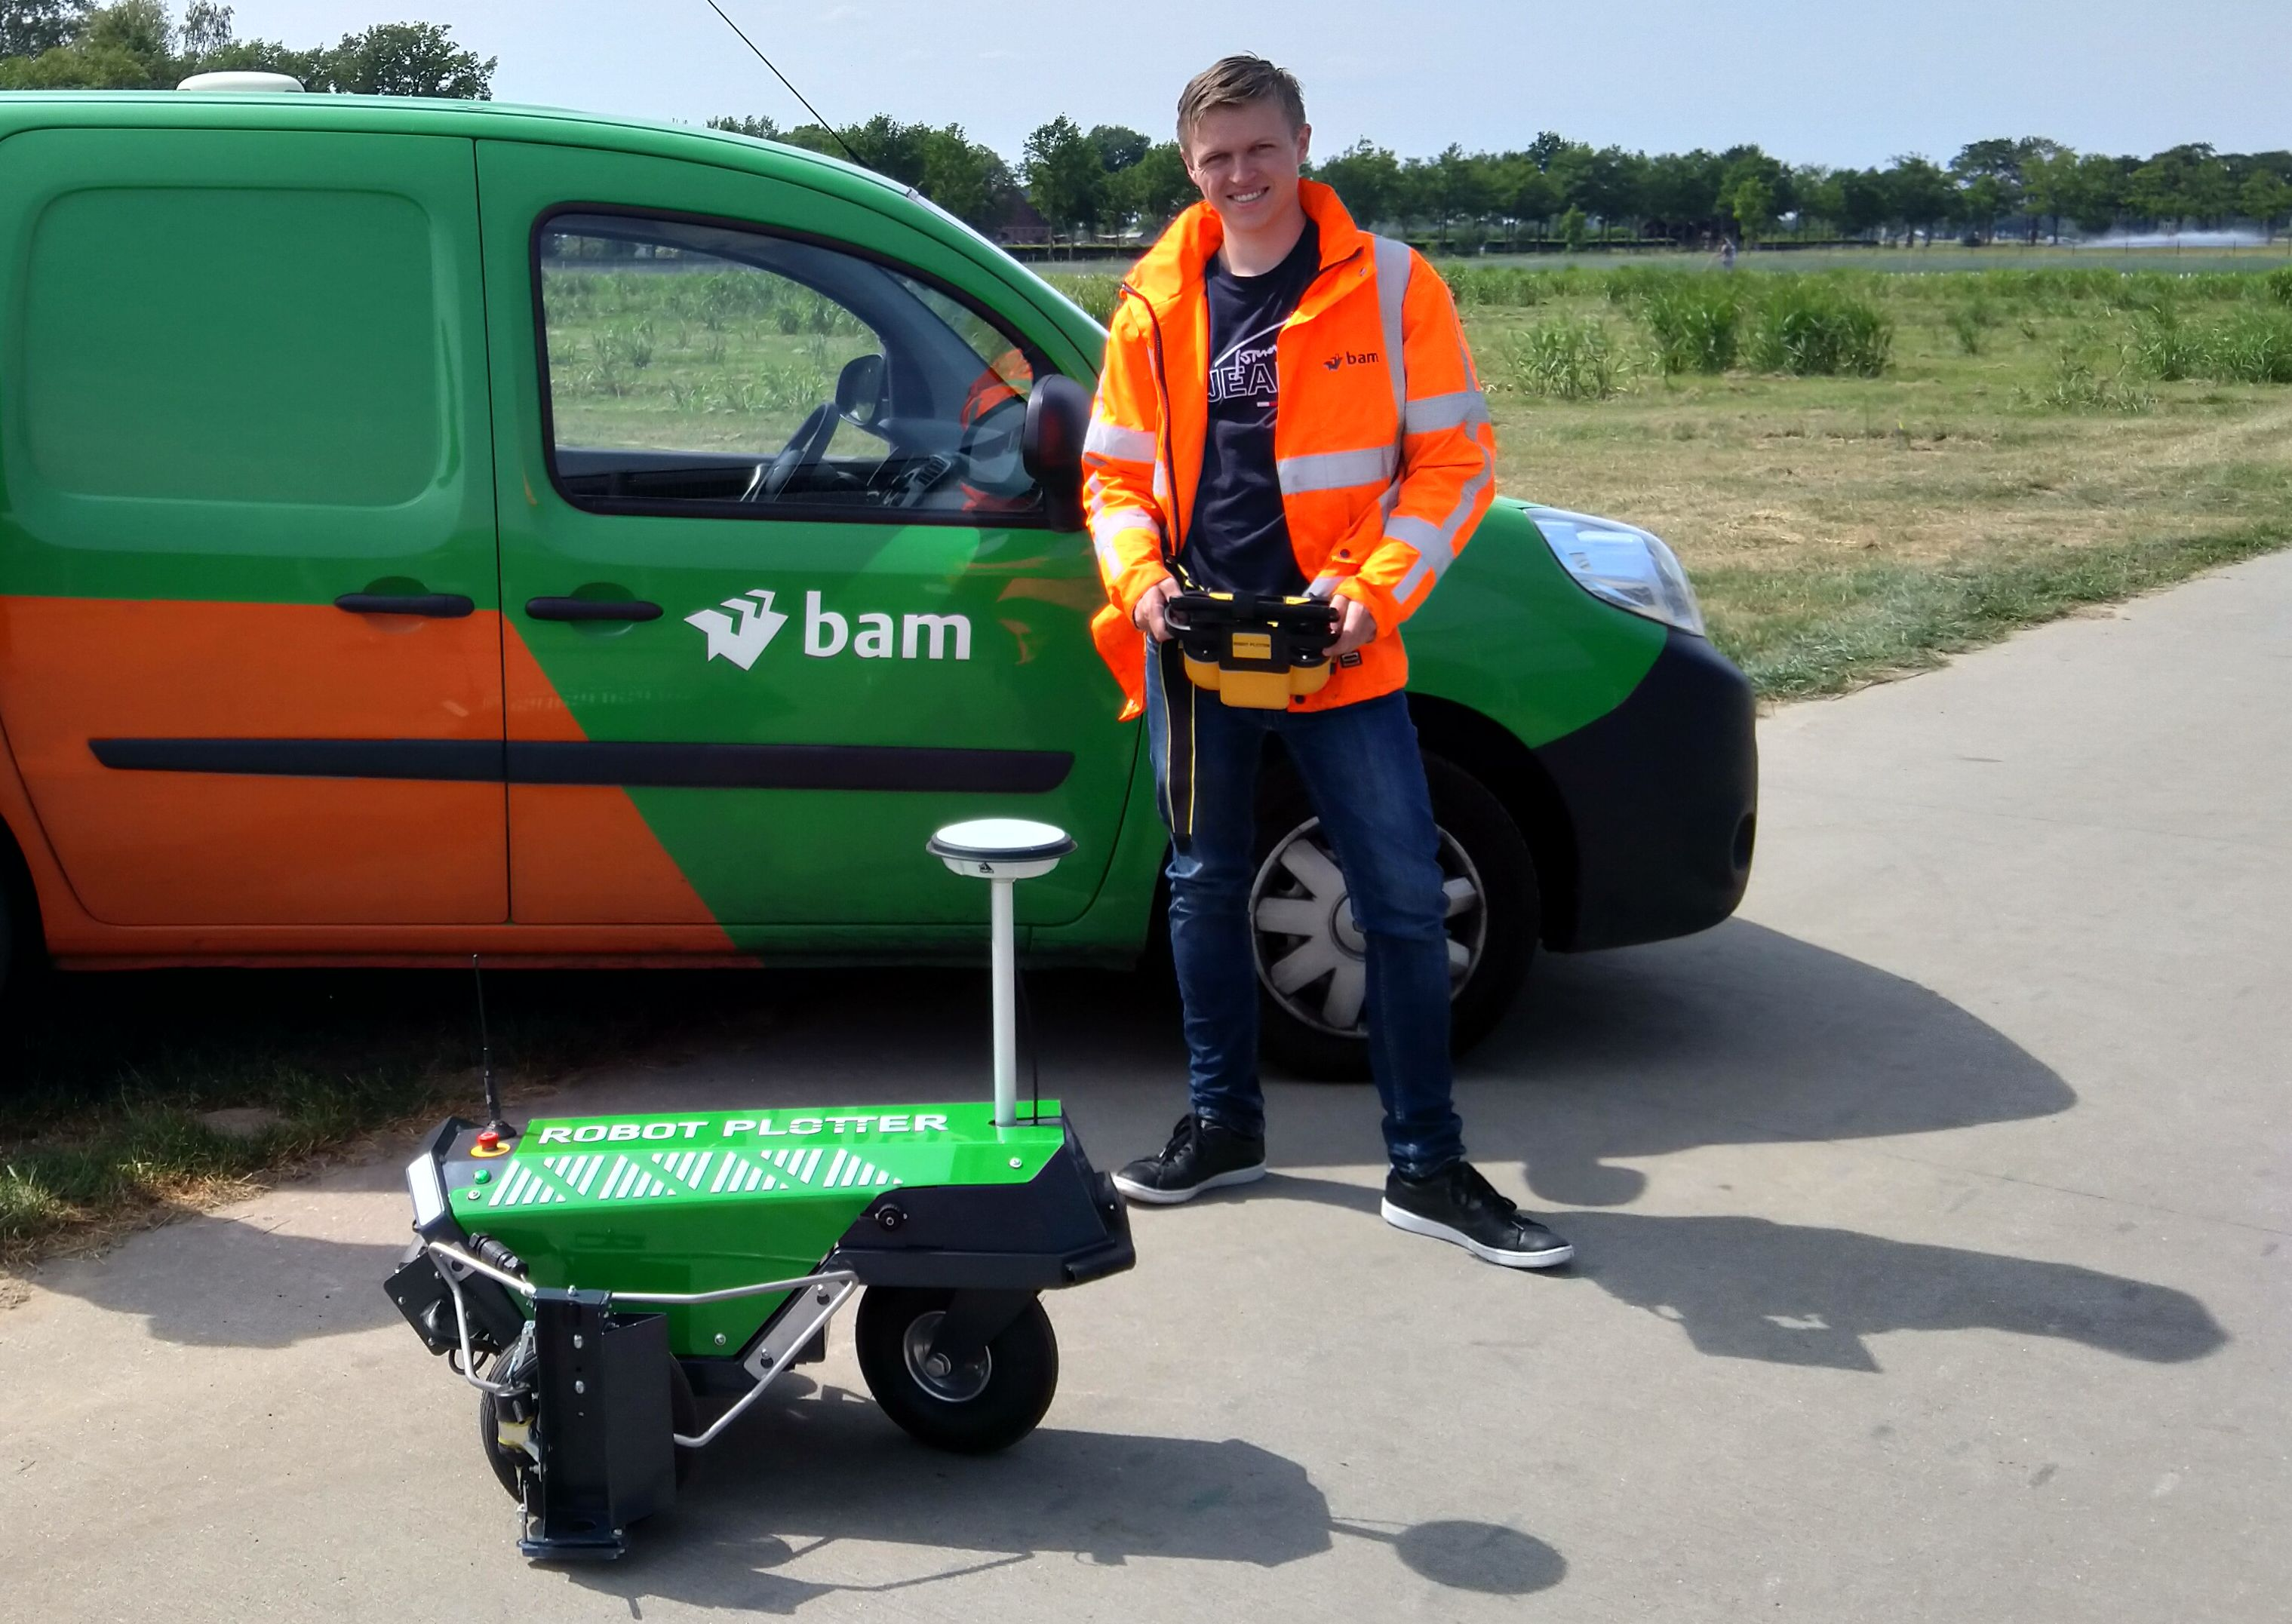 BAM ook in het bezit van een Robot Plotter